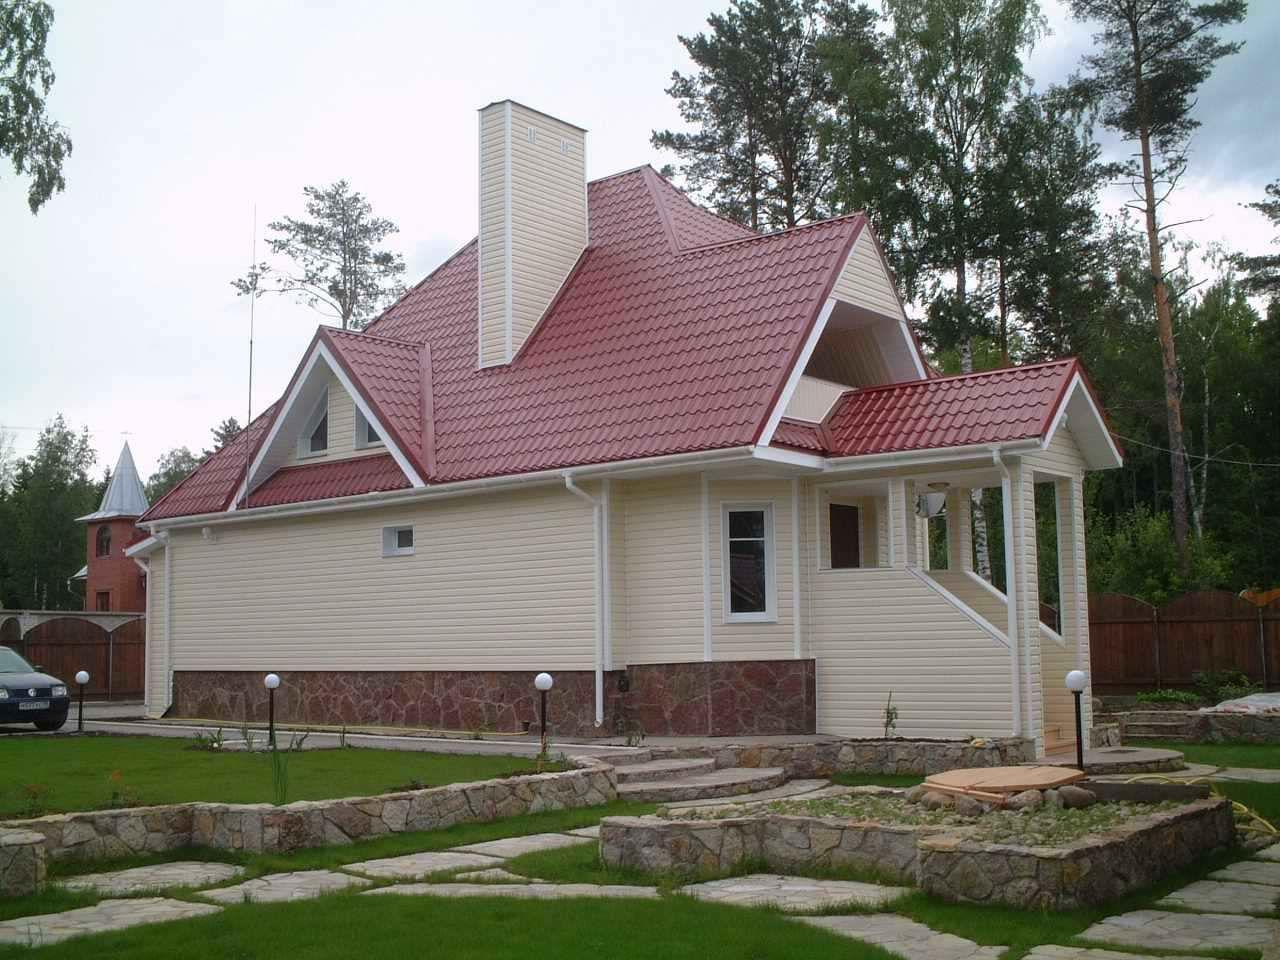 свою сайдинг дома с бордовой крышей фото вооружение представлено